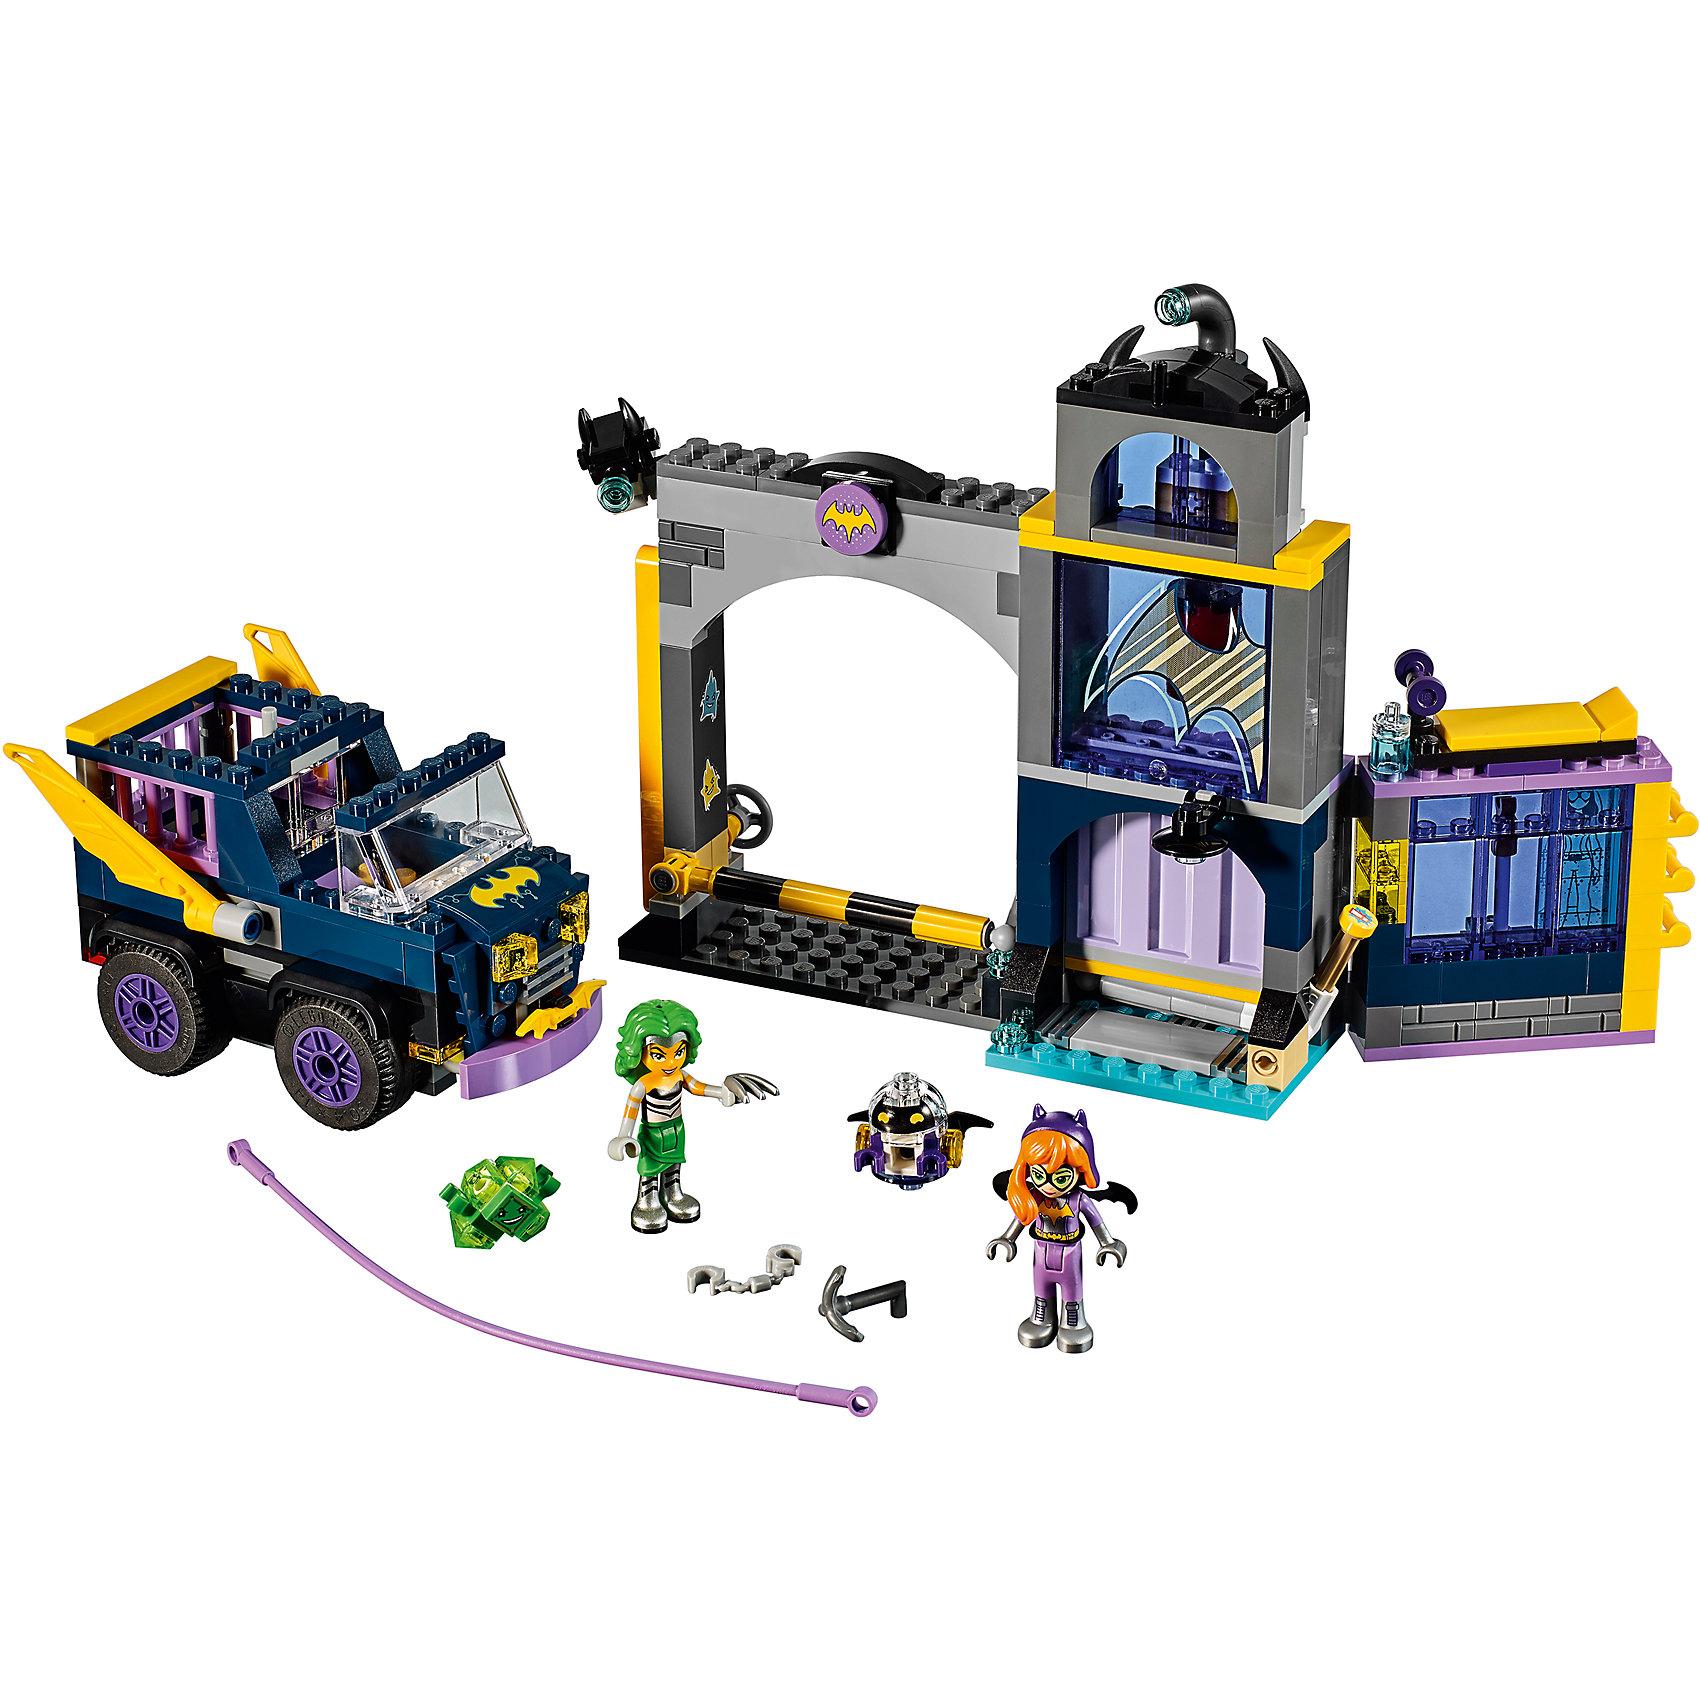 Конструктор Lego DC Super Girls 41237: Секретный бункер БэтгёрлПластмассовые конструкторы<br>Характеристики товара:<br><br>• возраст: от 7 лет;<br>• материал: пластик;<br>• в комплекте: 351 деталь;<br>• количество минифигурок: 3;<br>• размер упаковки: 28,2х26,2х7,6 см;<br>• вес упаковки: 615 гр.;<br>• страна производитель: Китай.<br><br>Конструктор Lego DC Super Girls «Секретный бункер Бэтгерл» создан по мотивам вселенной DC Comics. Из деталей конструктора предстоит собрать фигурку известной героини Бэтгерл и ее секретный бункер, в котором находятся оружие, секретный микрочип и бэтаранг, а также припаркован Бэтмобиль. Злодейка Мэд Харриет пытается выкрасть из бункера важный микрочип.<br><br>С известной супергероиней девочка сможет придумать свои собственные сюжеты для игры. Сборка конструктора развивает у детей внимательность, усидчивость, мелкую моторику рук.<br><br>Конструктор Lego DC Super Girls «Секретный бункер Бэтгерл» можно приобрести в нашем интернет-магазине.<br><br>Ширина мм: 282<br>Глубина мм: 262<br>Высота мм: 76<br>Вес г: 600<br>Возраст от месяцев: 84<br>Возраст до месяцев: 2147483647<br>Пол: Женский<br>Возраст: Детский<br>SKU: 5620037